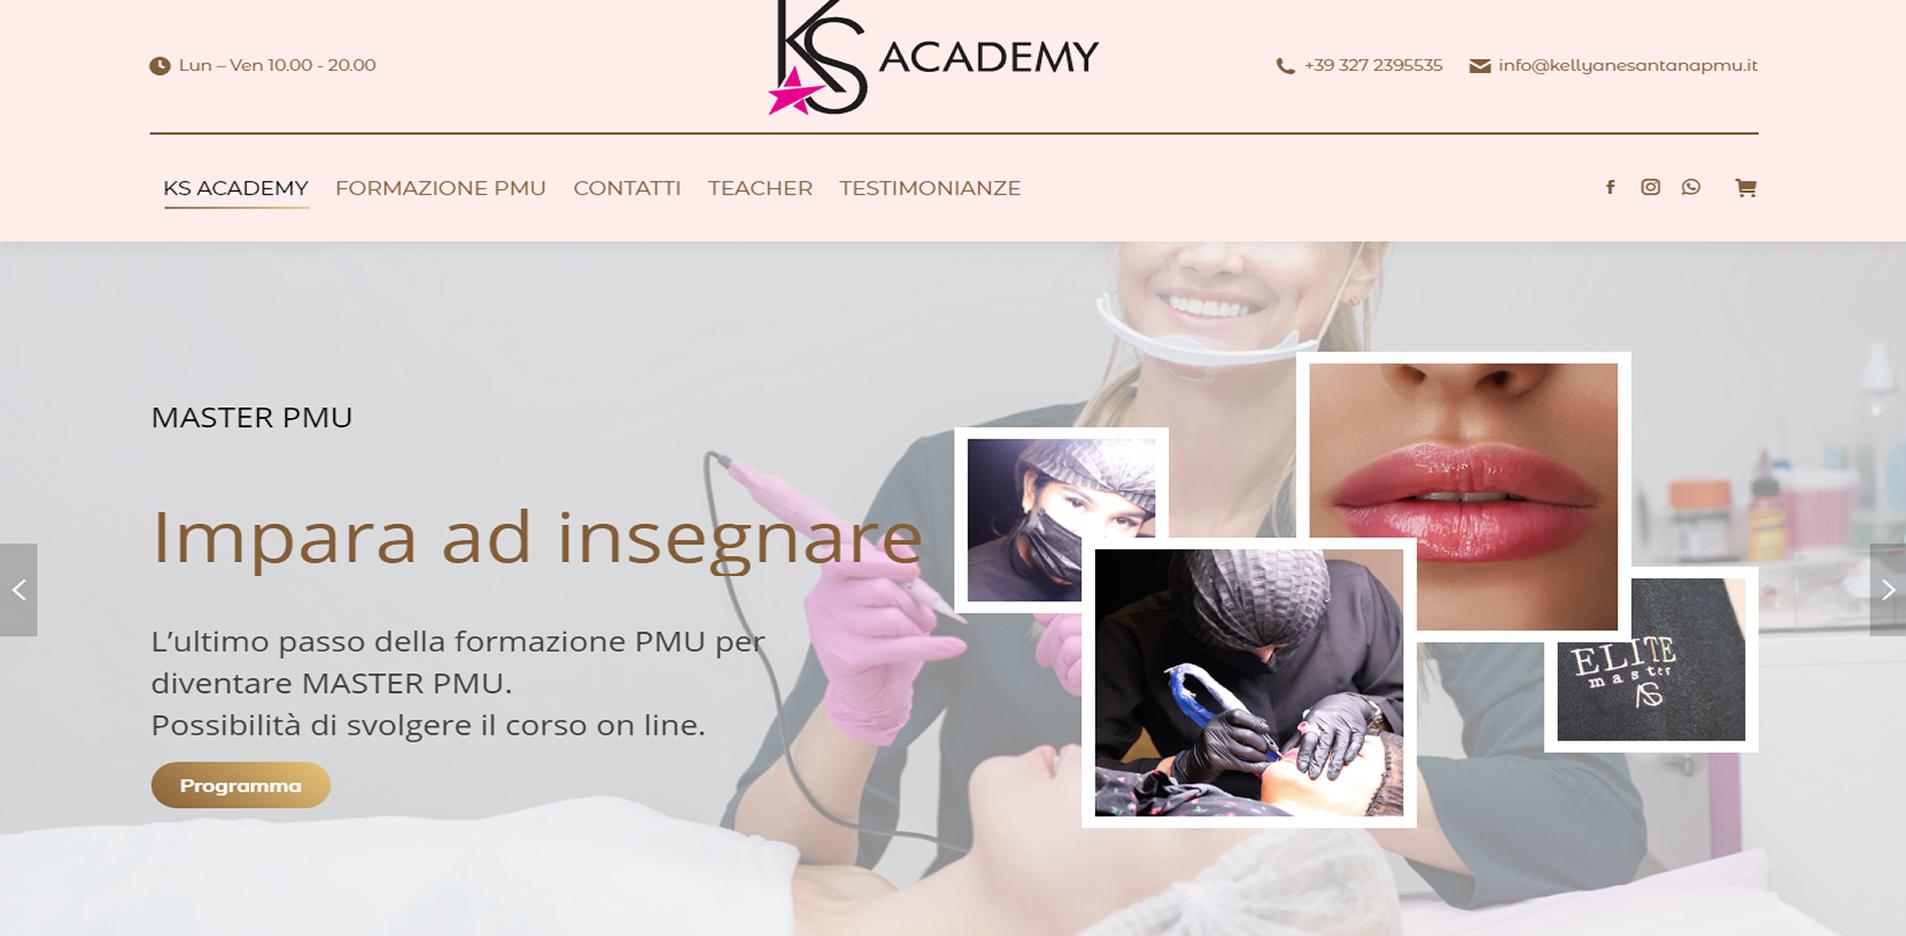 KS Academy e-commerce e-learning di WAParisi